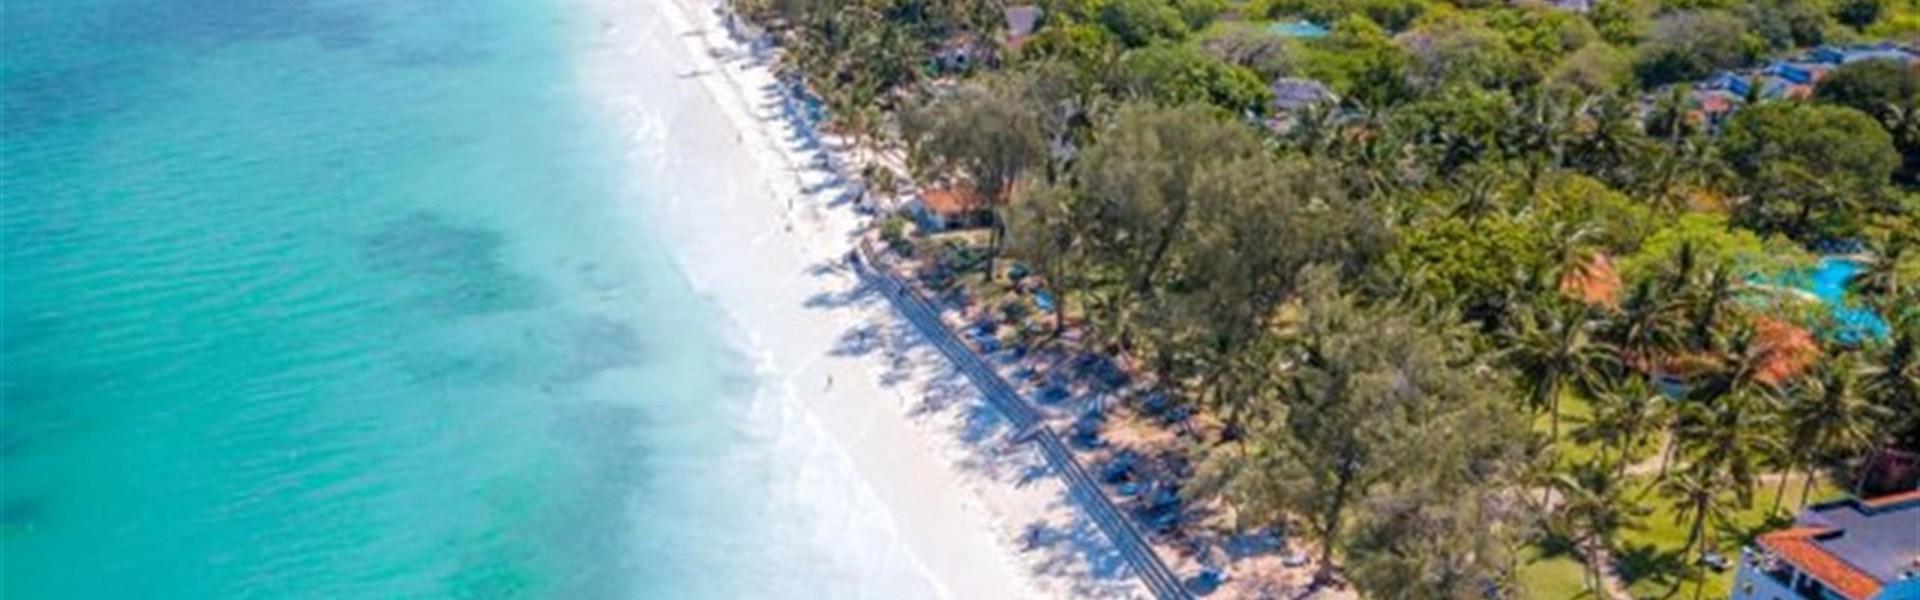 Safari v Keni s prodloužením u moře s českým průvodcem - Diani Sea Resort, dovolená v Keni s All-Inclusive